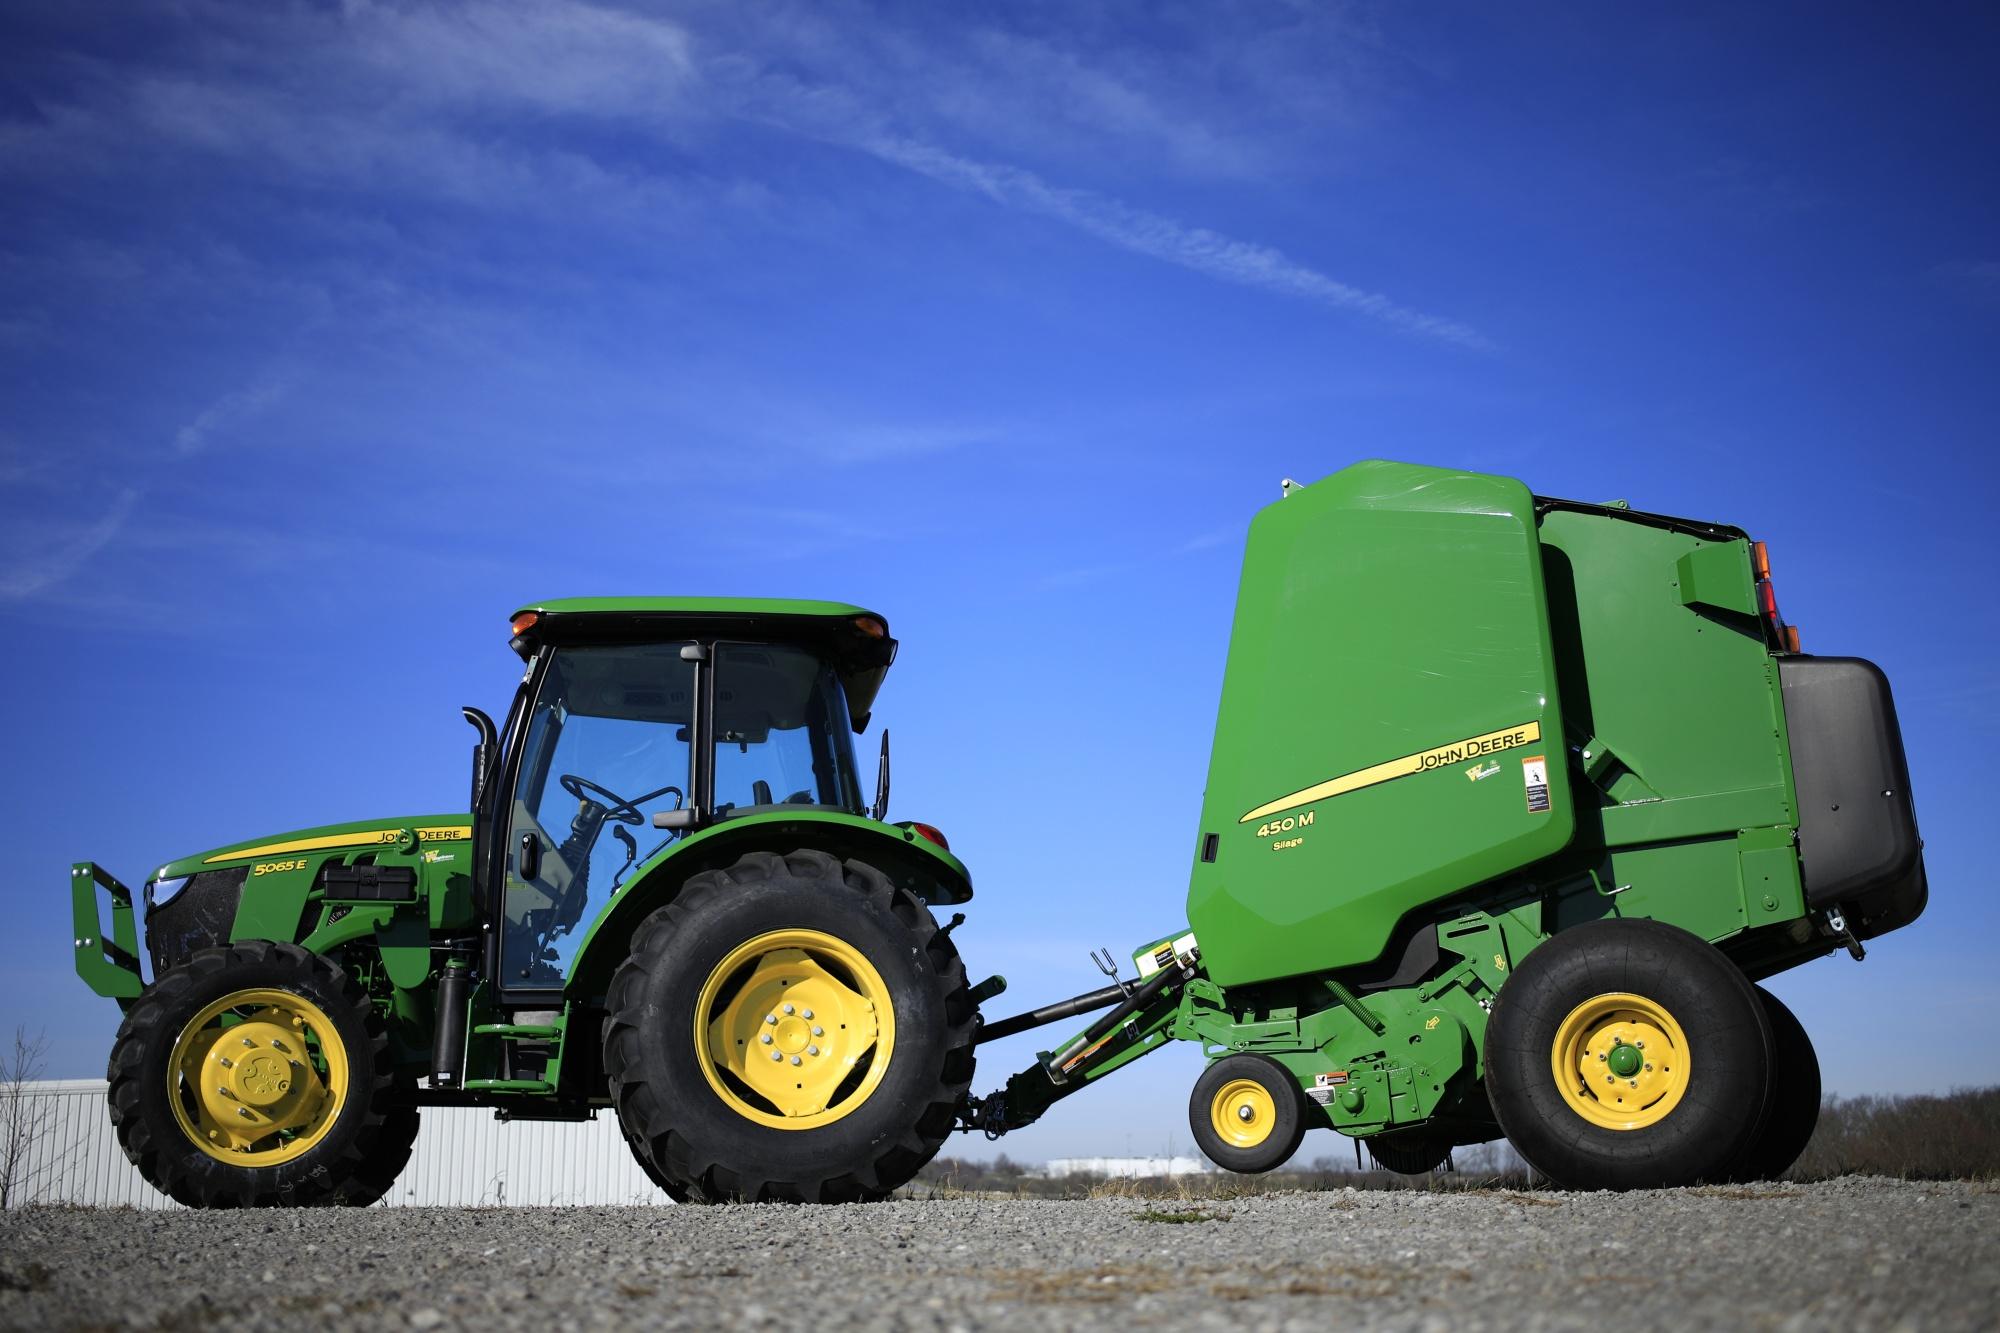 John Deere purchases self-governing farm truck startup Bear Flag Robotics